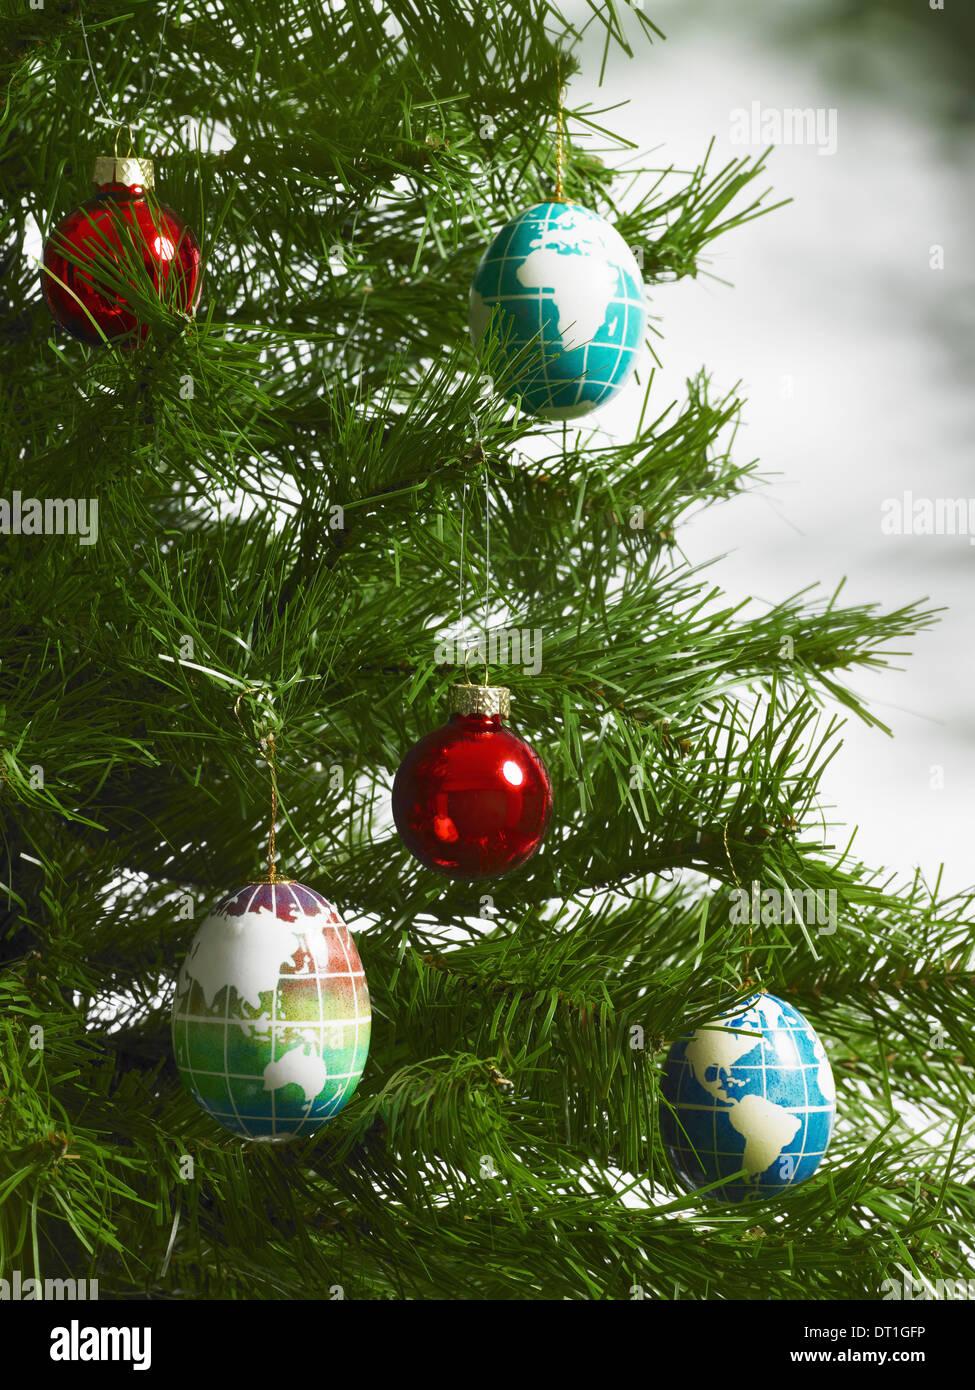 Still life decoraciones de Navidad un pequeño grupo de rojo y azul ornamentos para el árbol de formas oblongo con continentes descritos Imagen De Stock